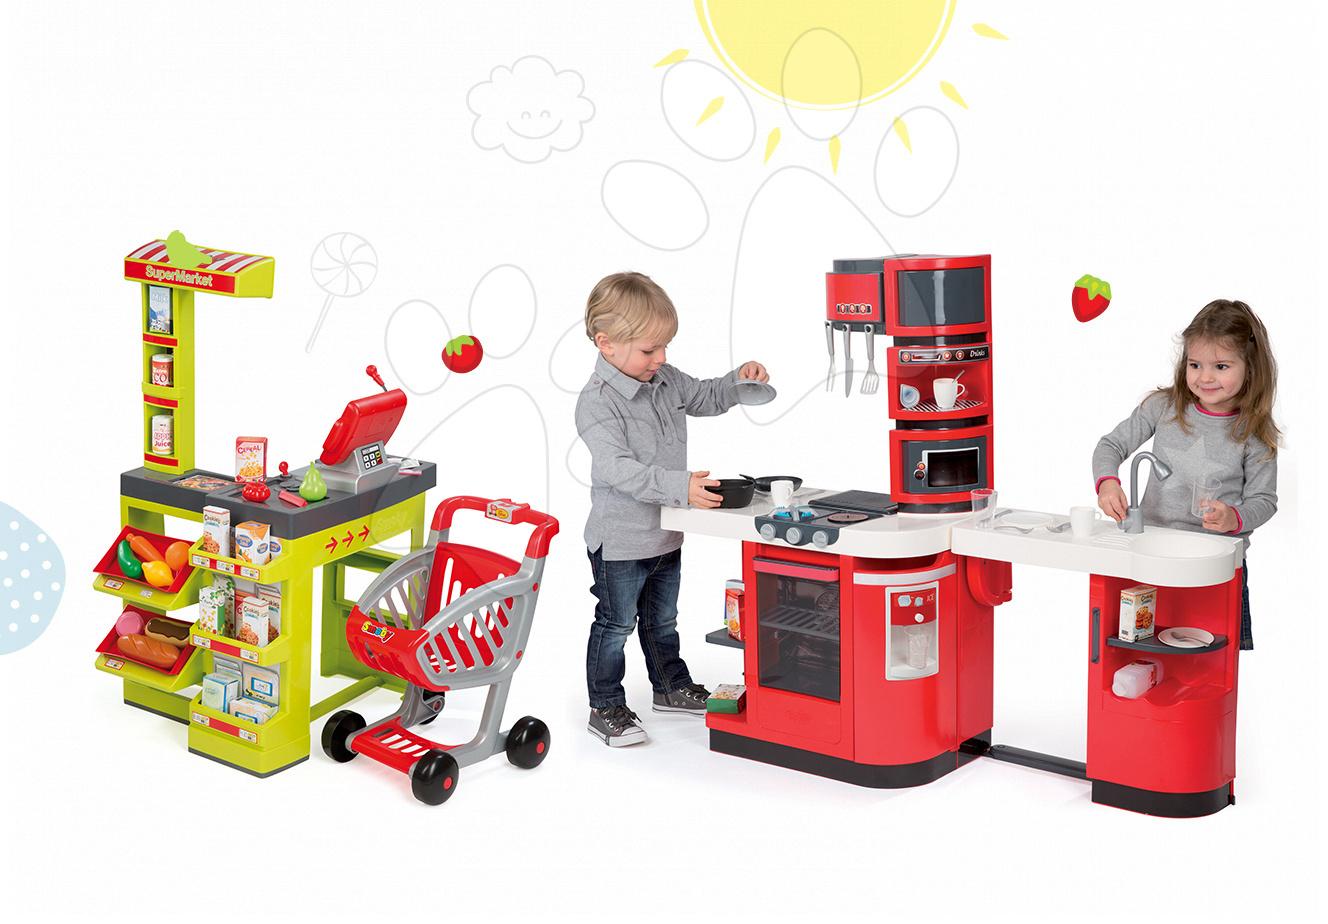 Kuchynky pre deti sety - Set kuchynka CookMaster Smoby so zvukmi a ľadom a obchod Supermarket s pokladňou